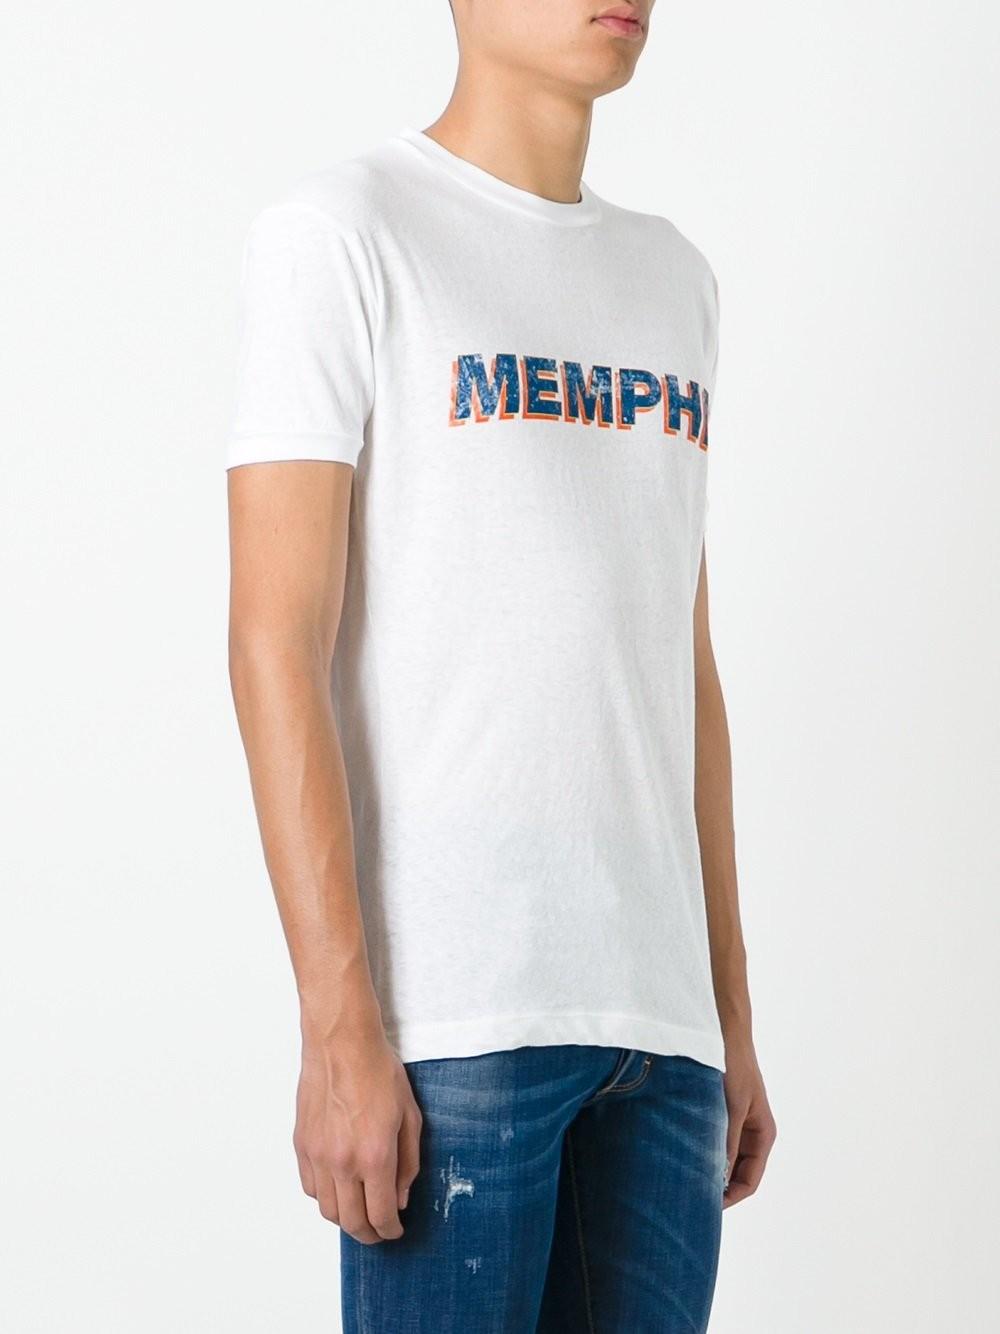 2017 bulk t shirts custom t shirt bulk t shirt printing for T shirt bulk order